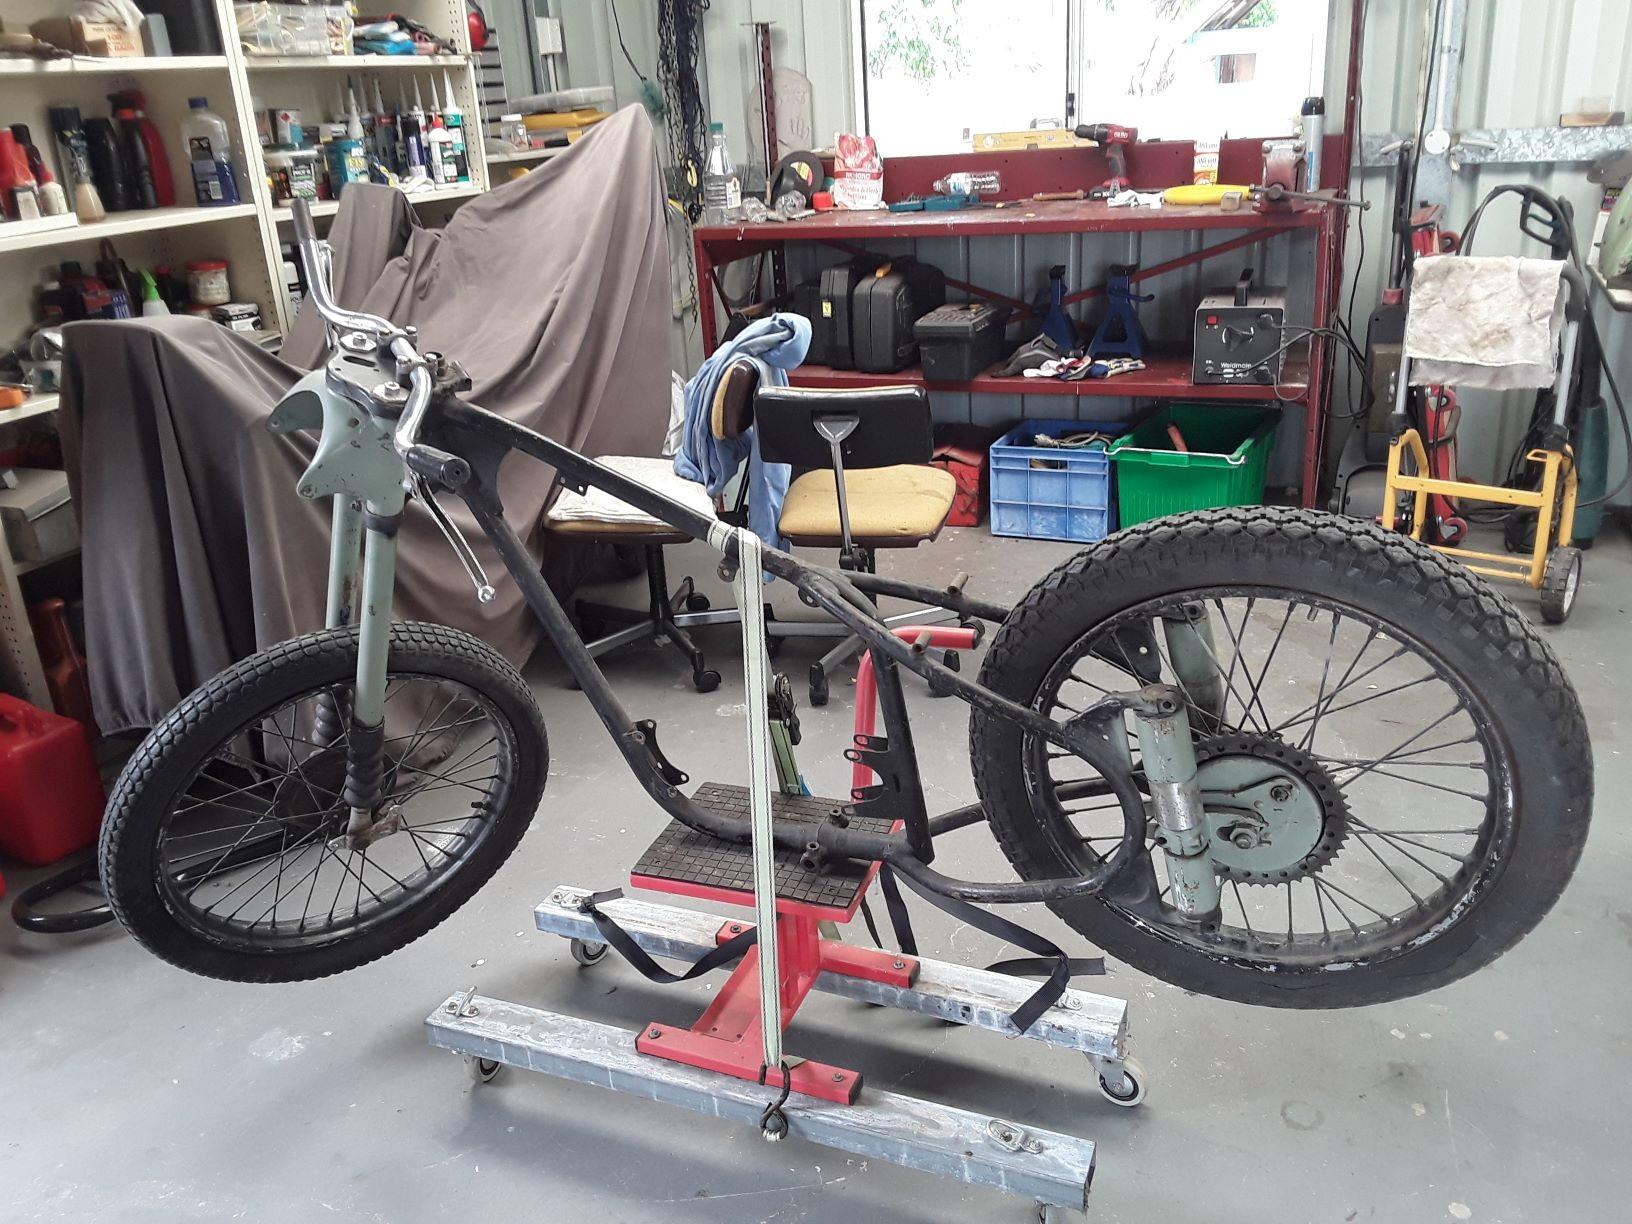 Bike-on-stand.jpg